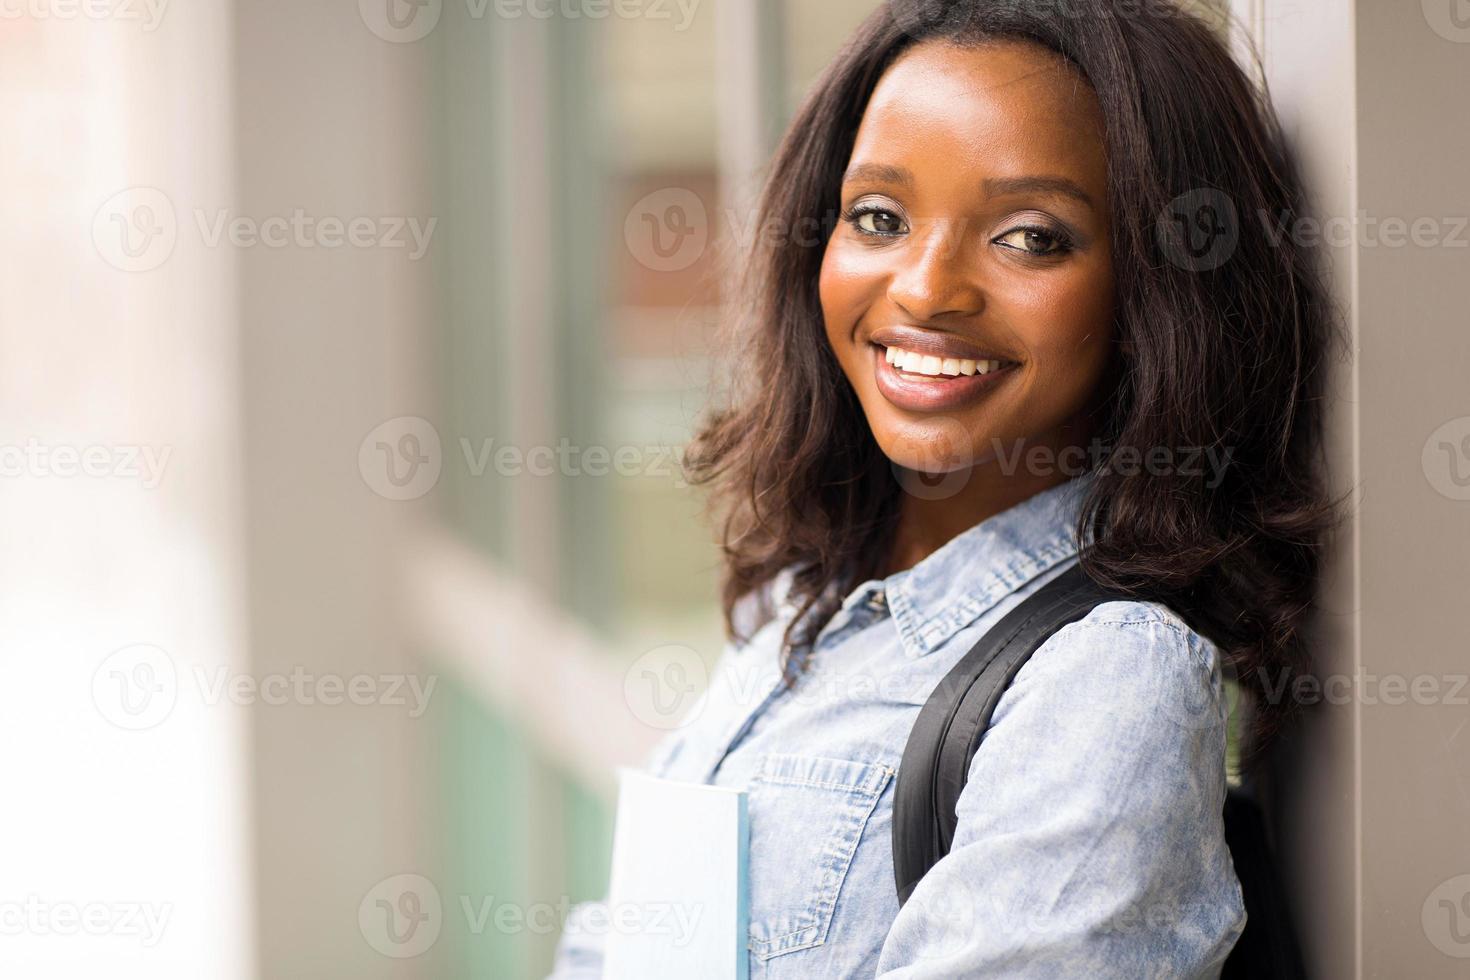 afrikanischer Student mit Büchern foto